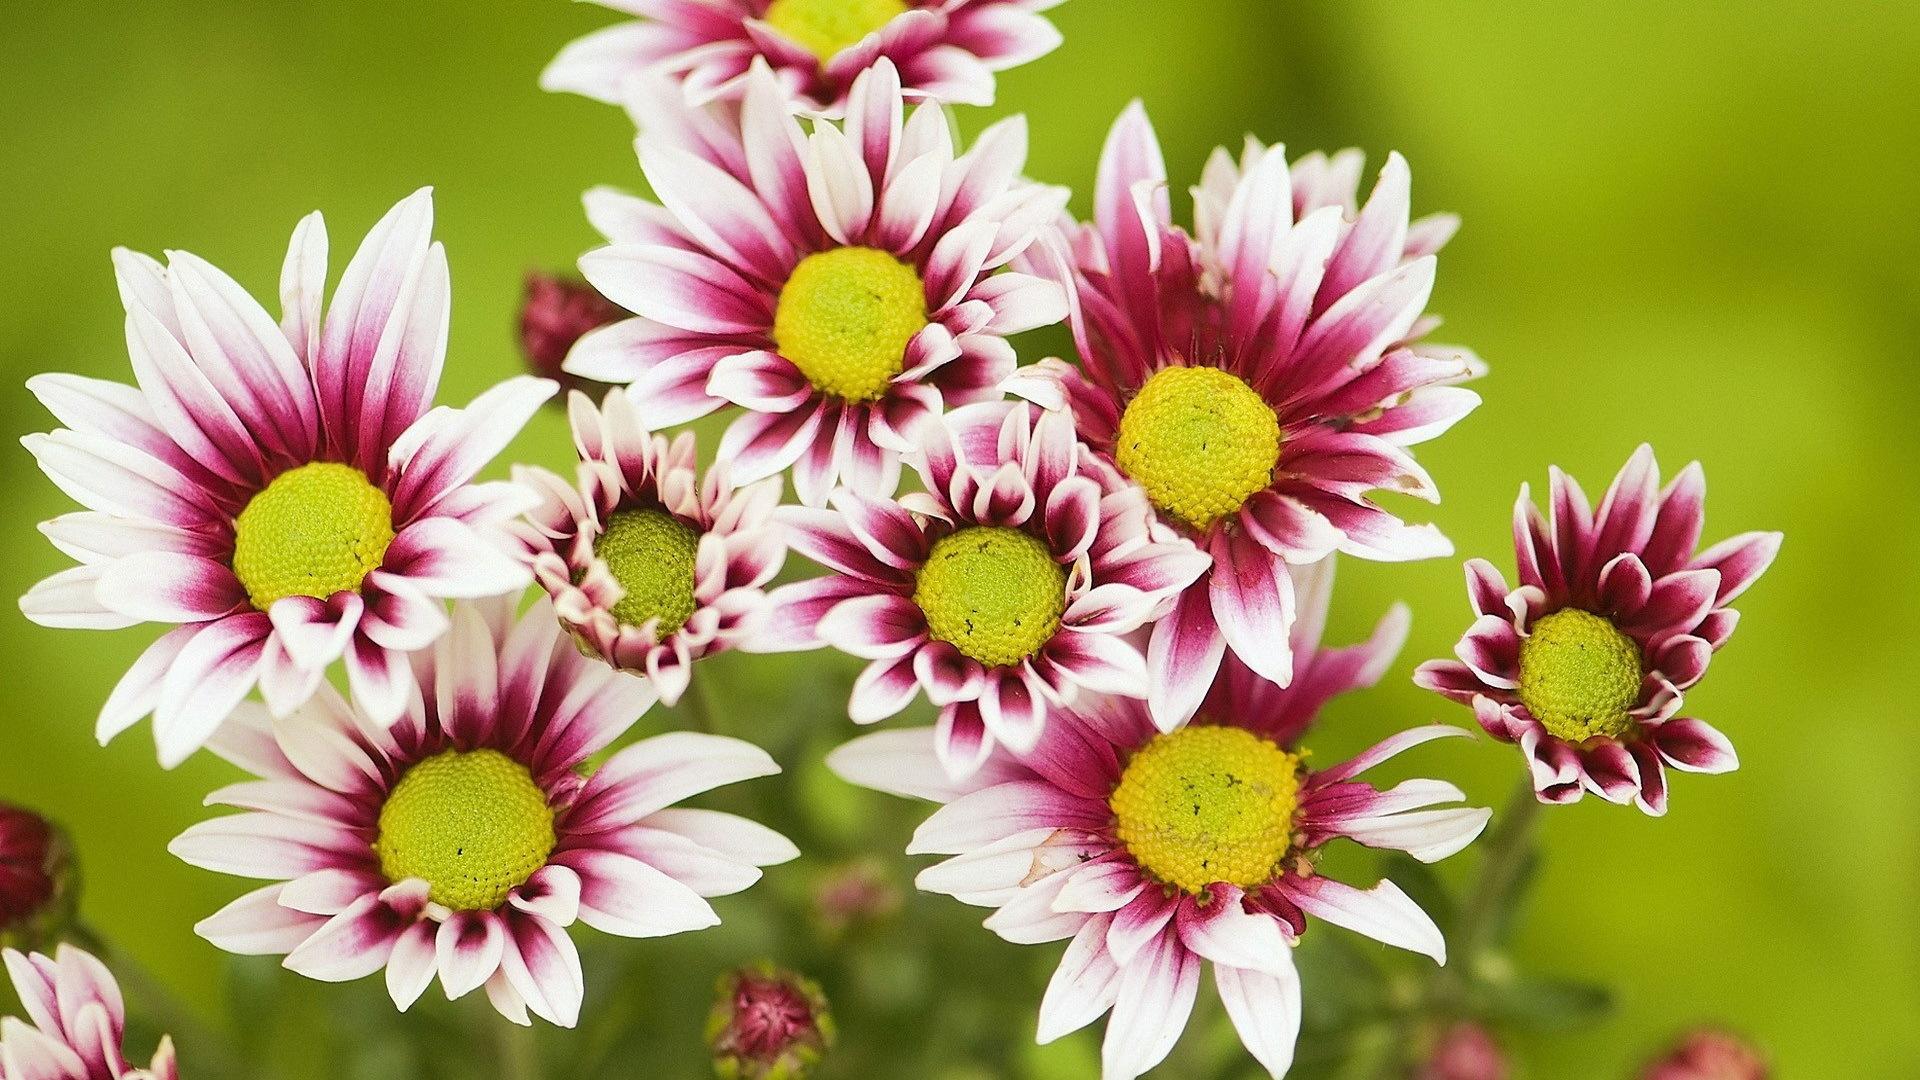 хризантема цветы  № 1353141 бесплатно